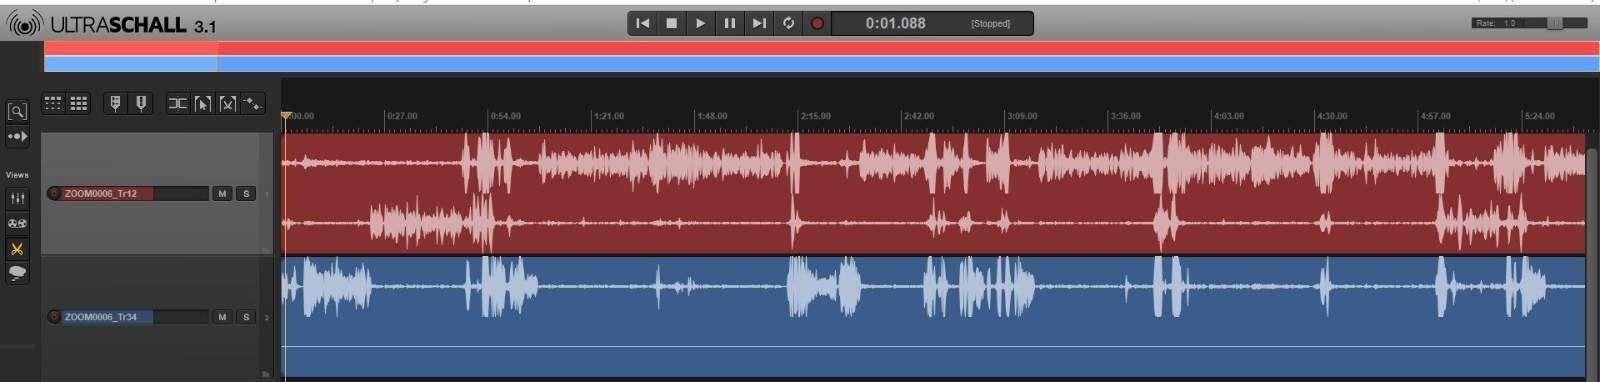 Ultraschall Grundanordnung der Tracks